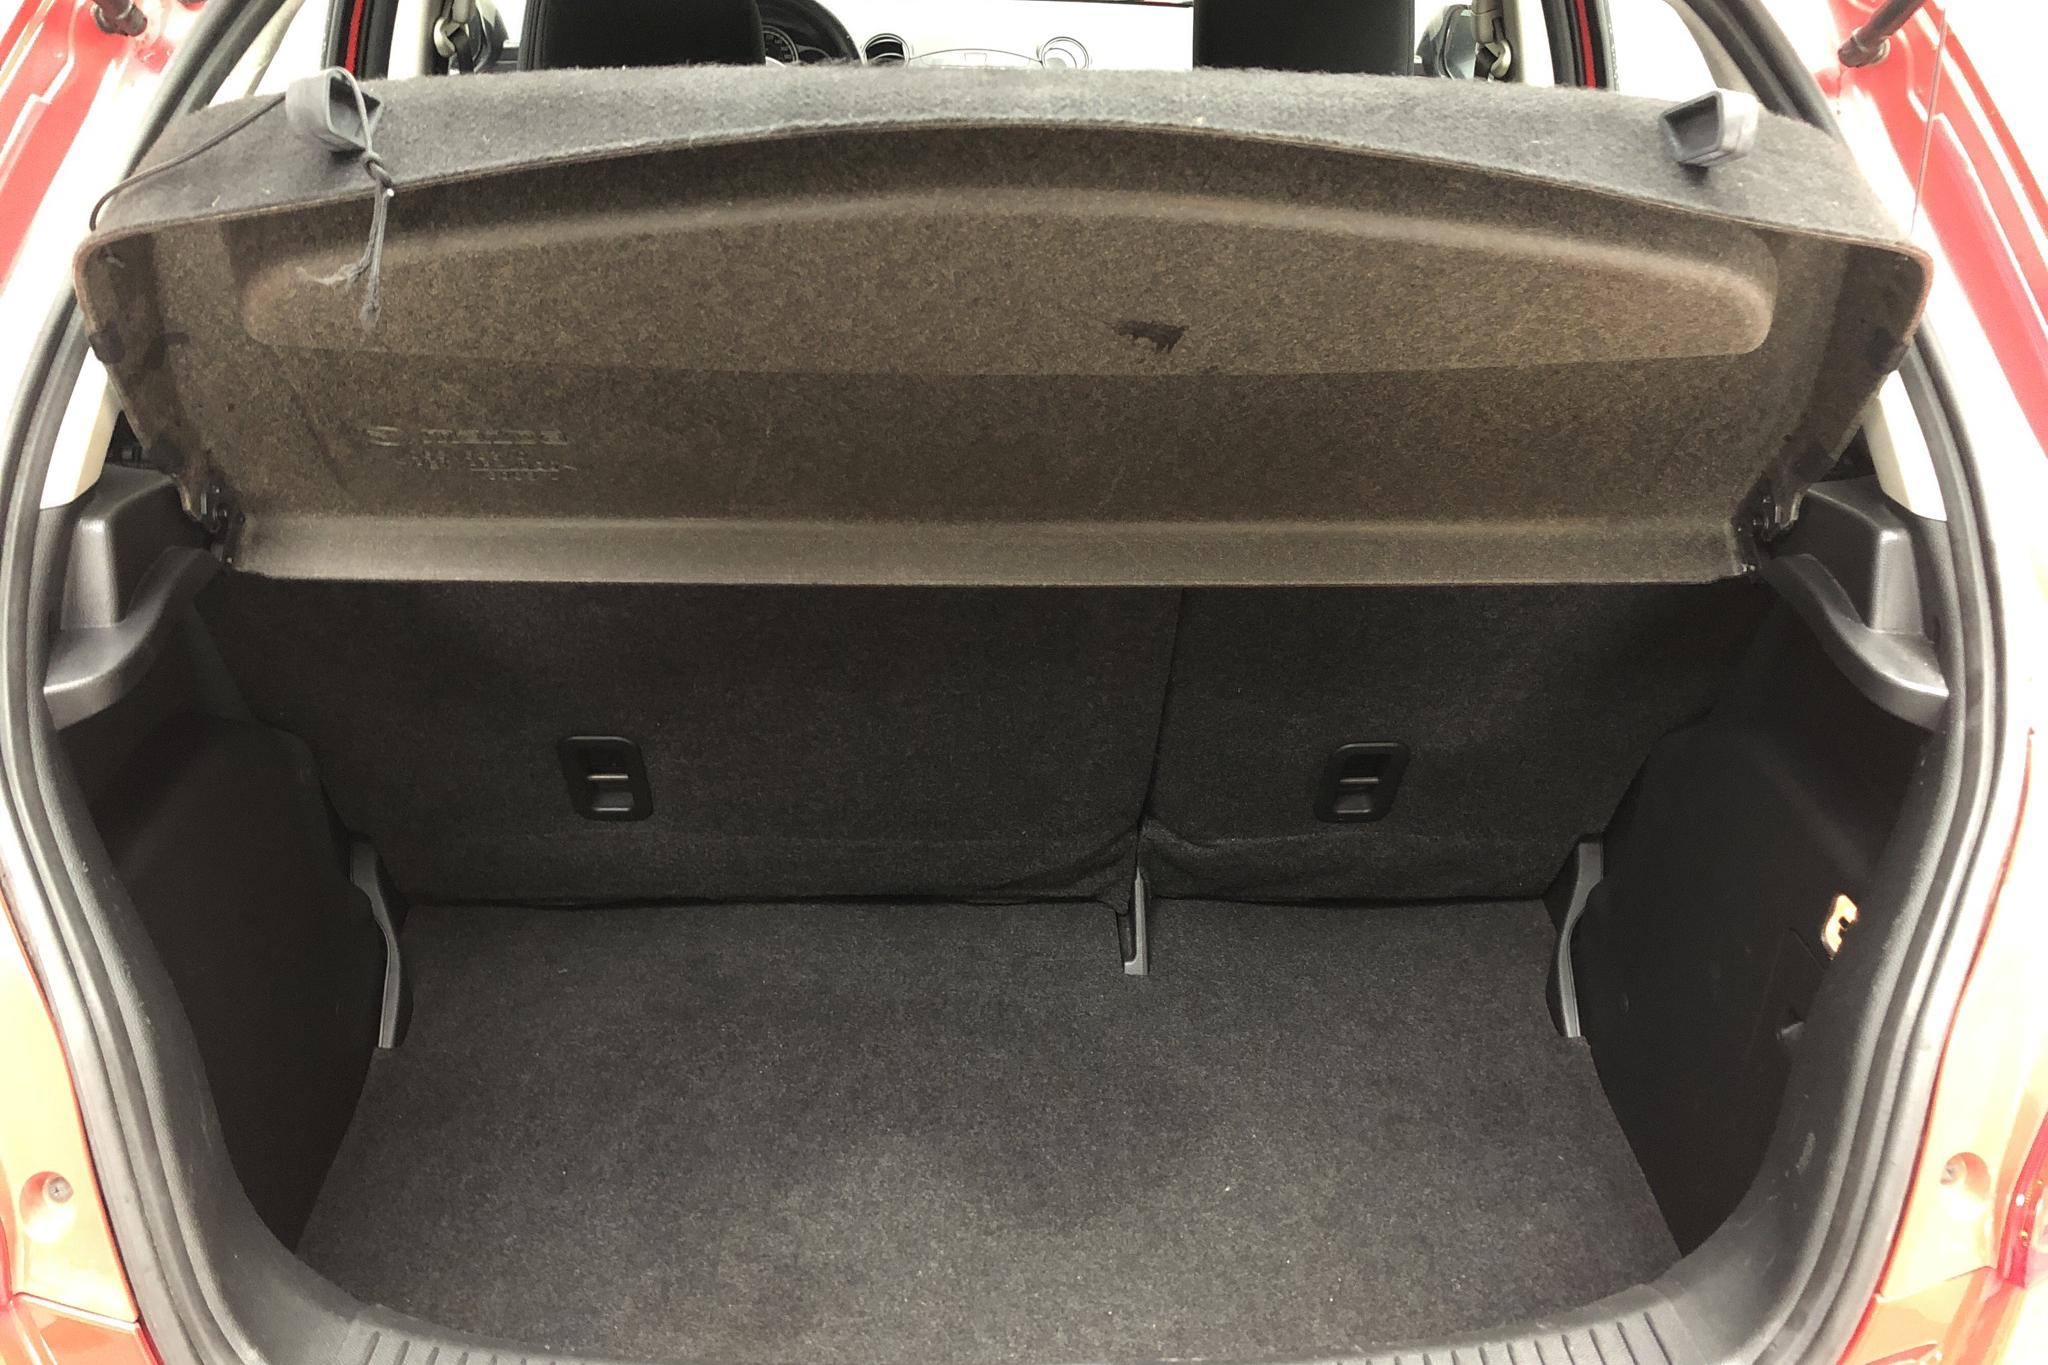 Mazda 2 1.3 5dr (84hk) - 9 919 mil - Manuell - röd - 2012